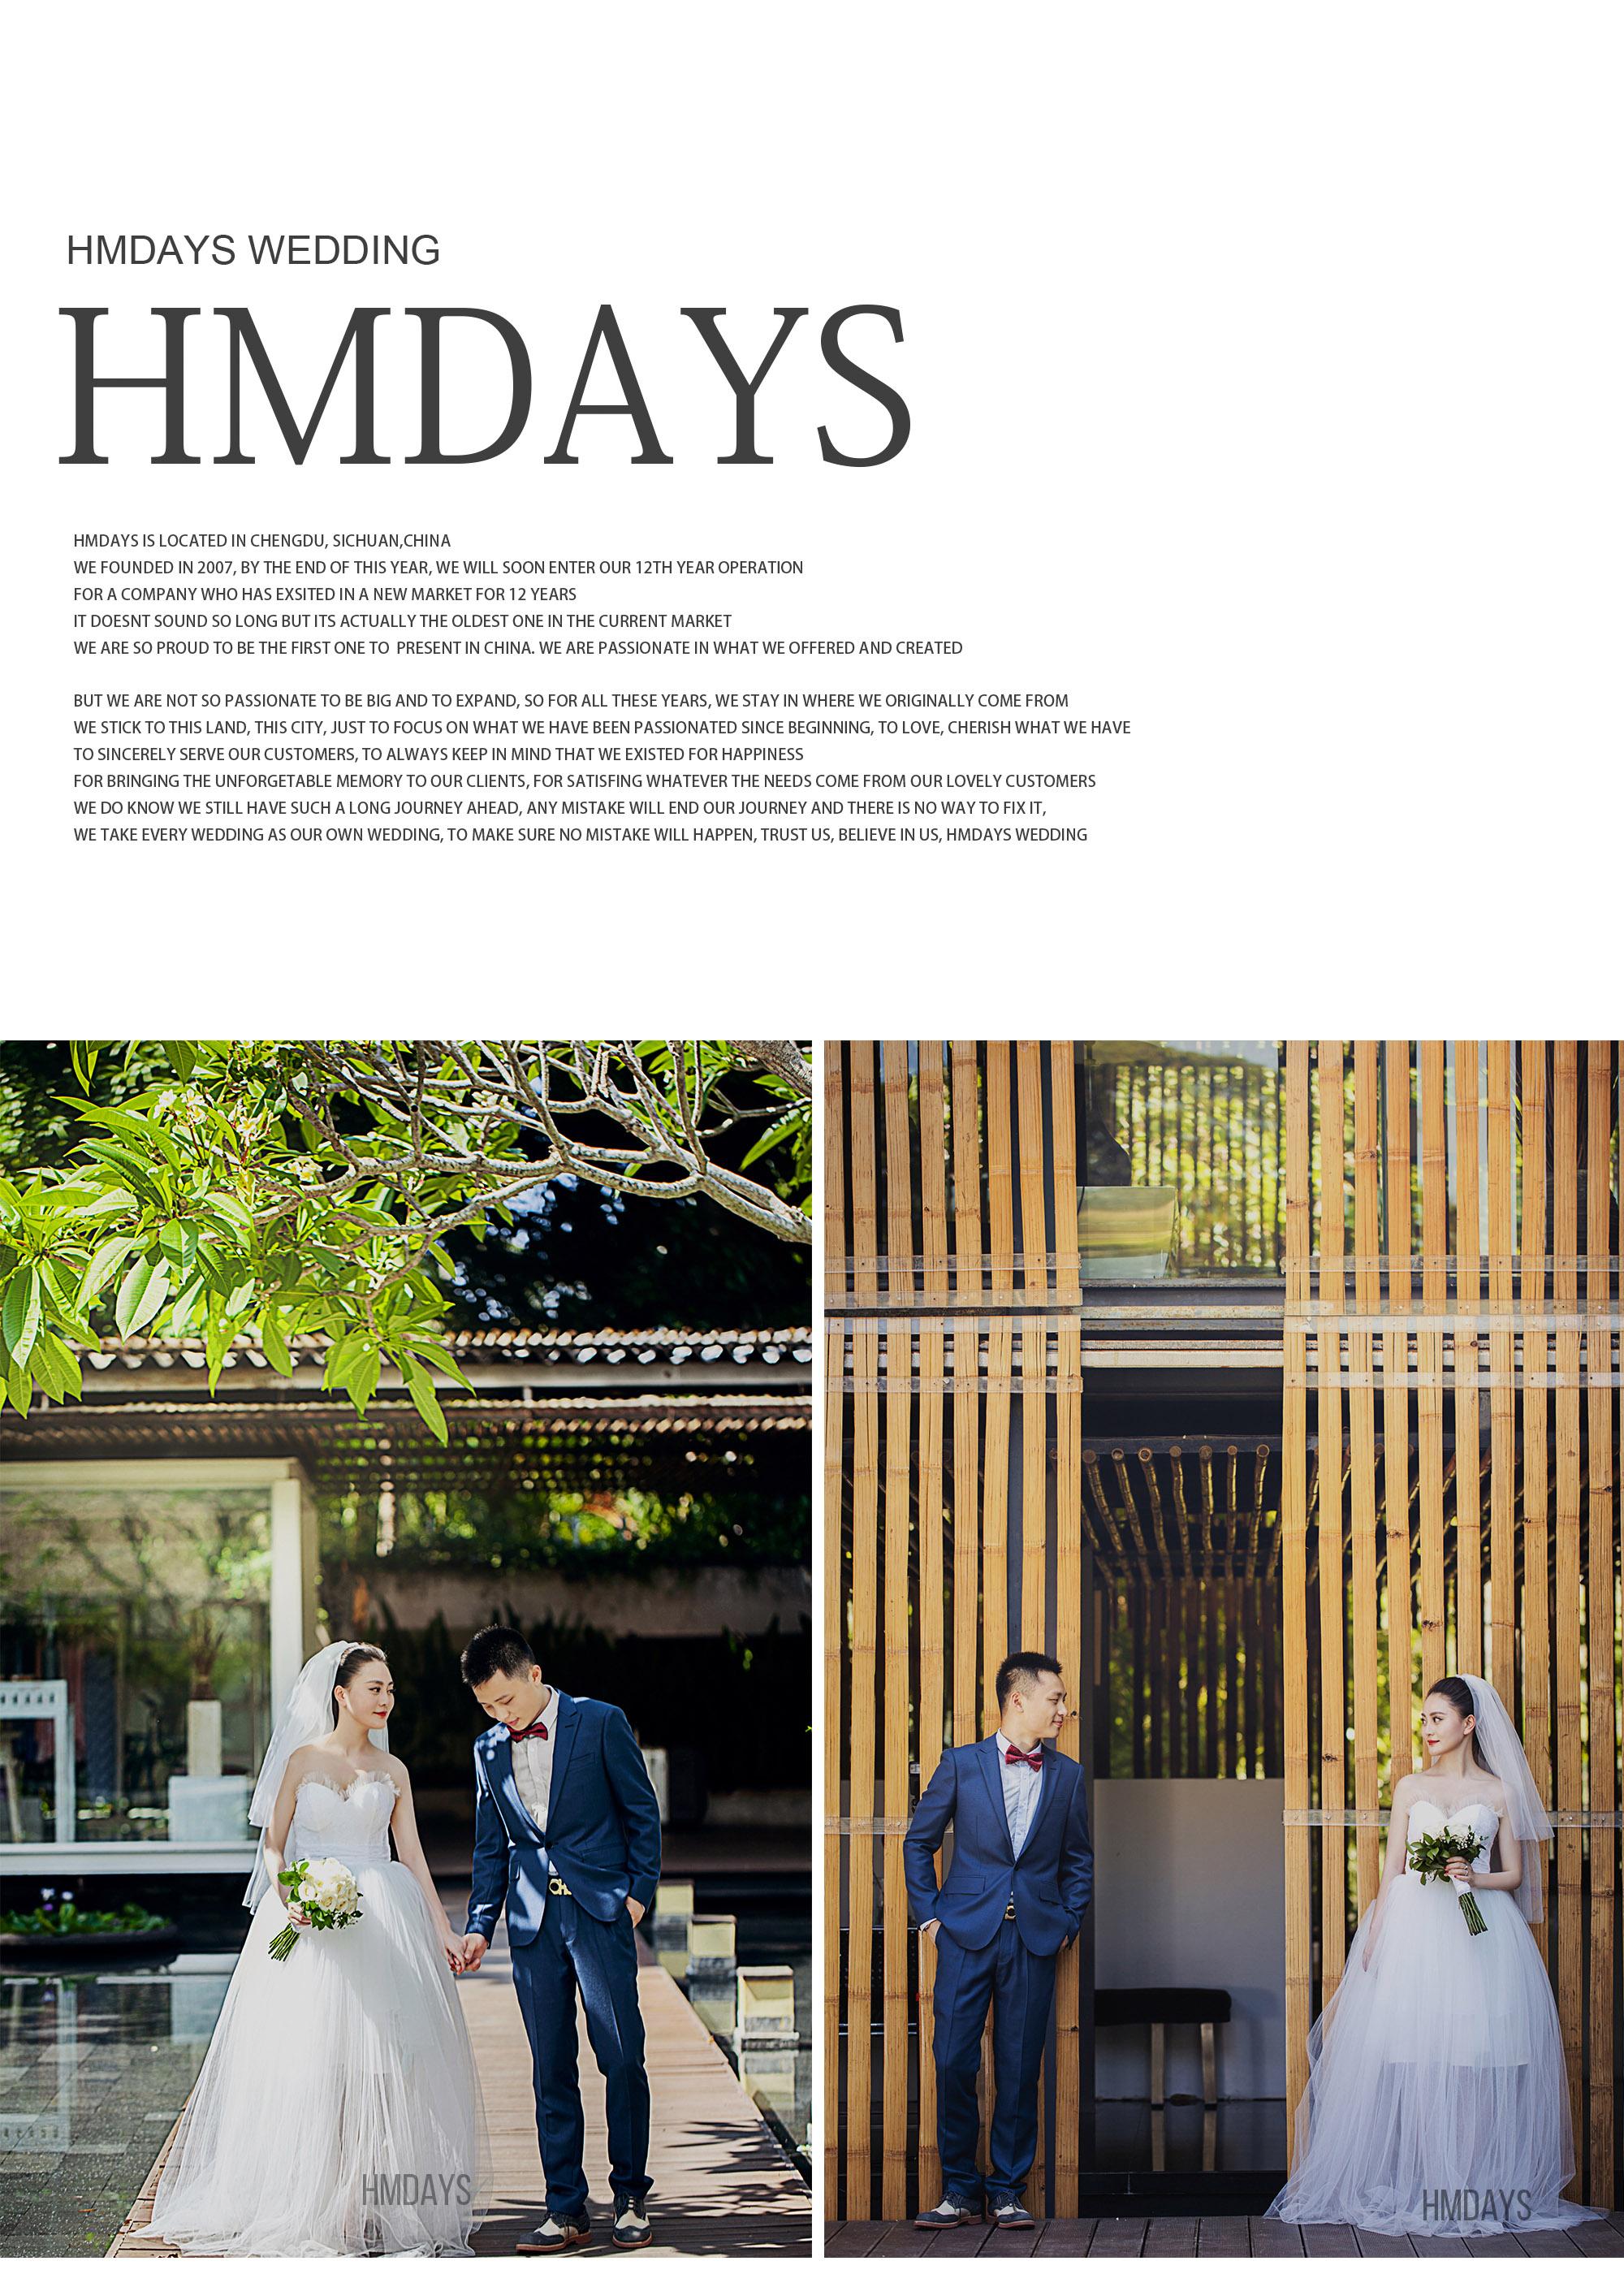 肉桂沙滩巴厘岛婚礼|海外婚礼|海外婚纱摄影|照片